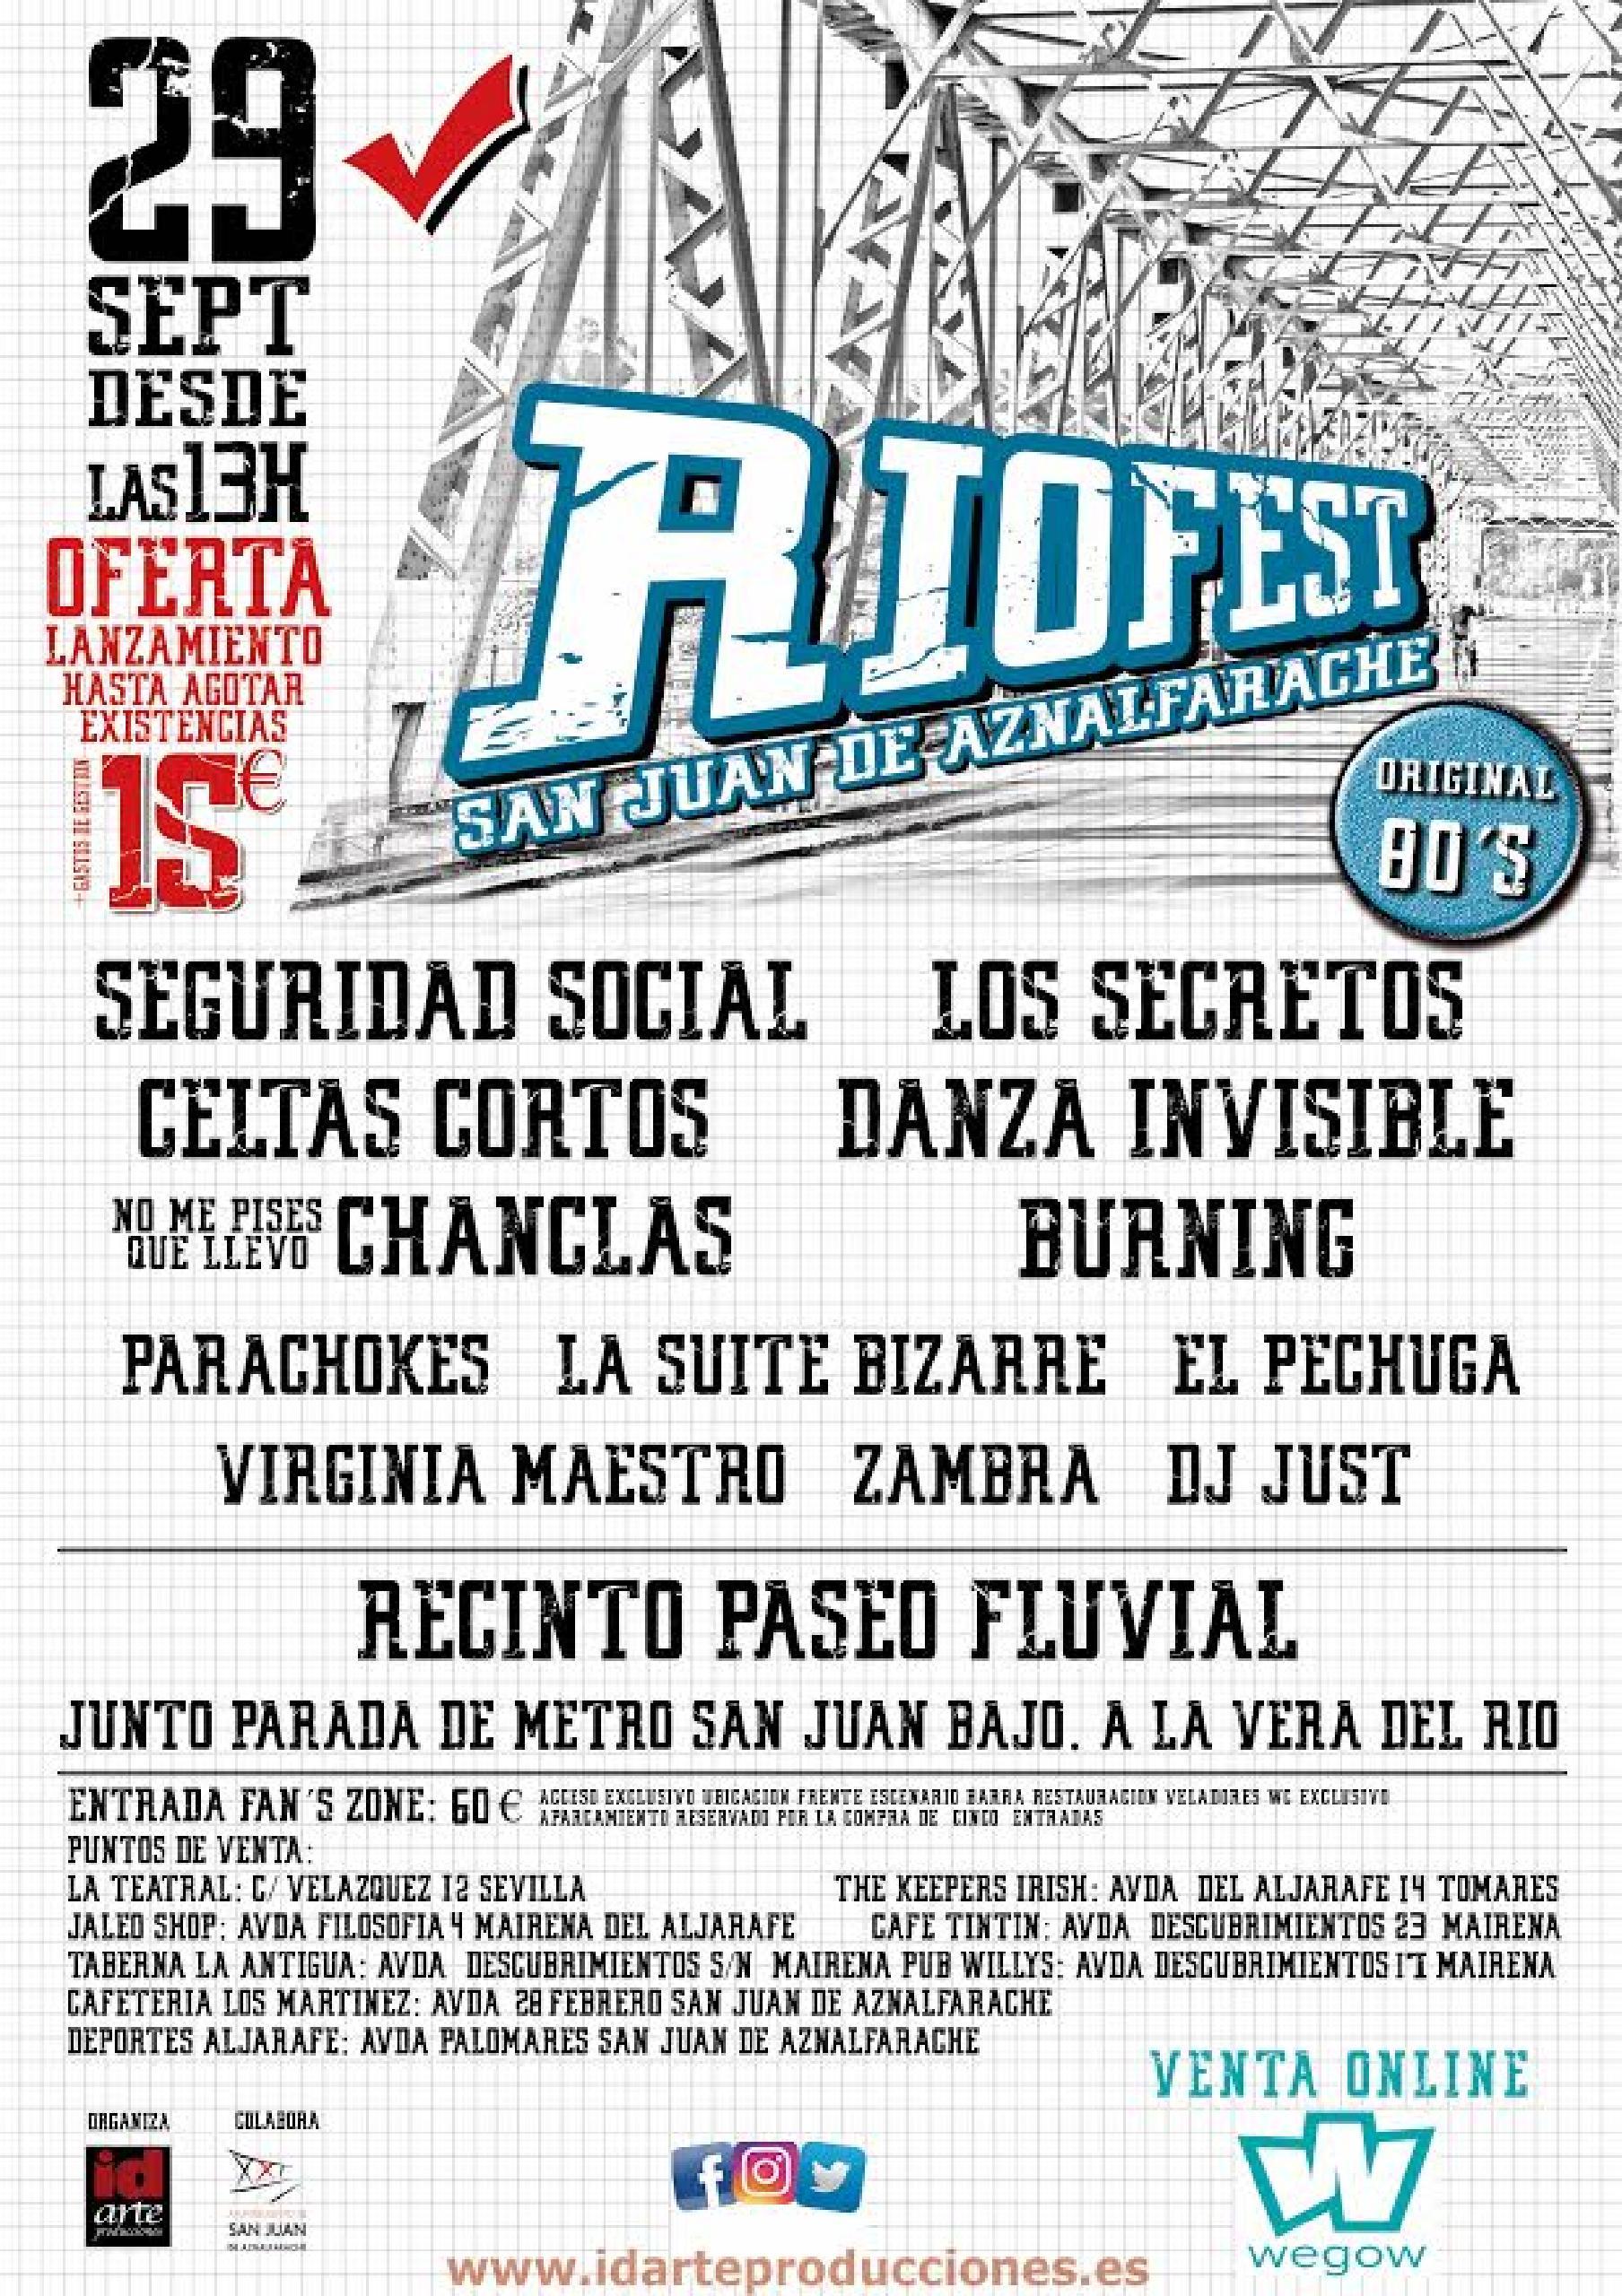 Riofest Sevilla 2018